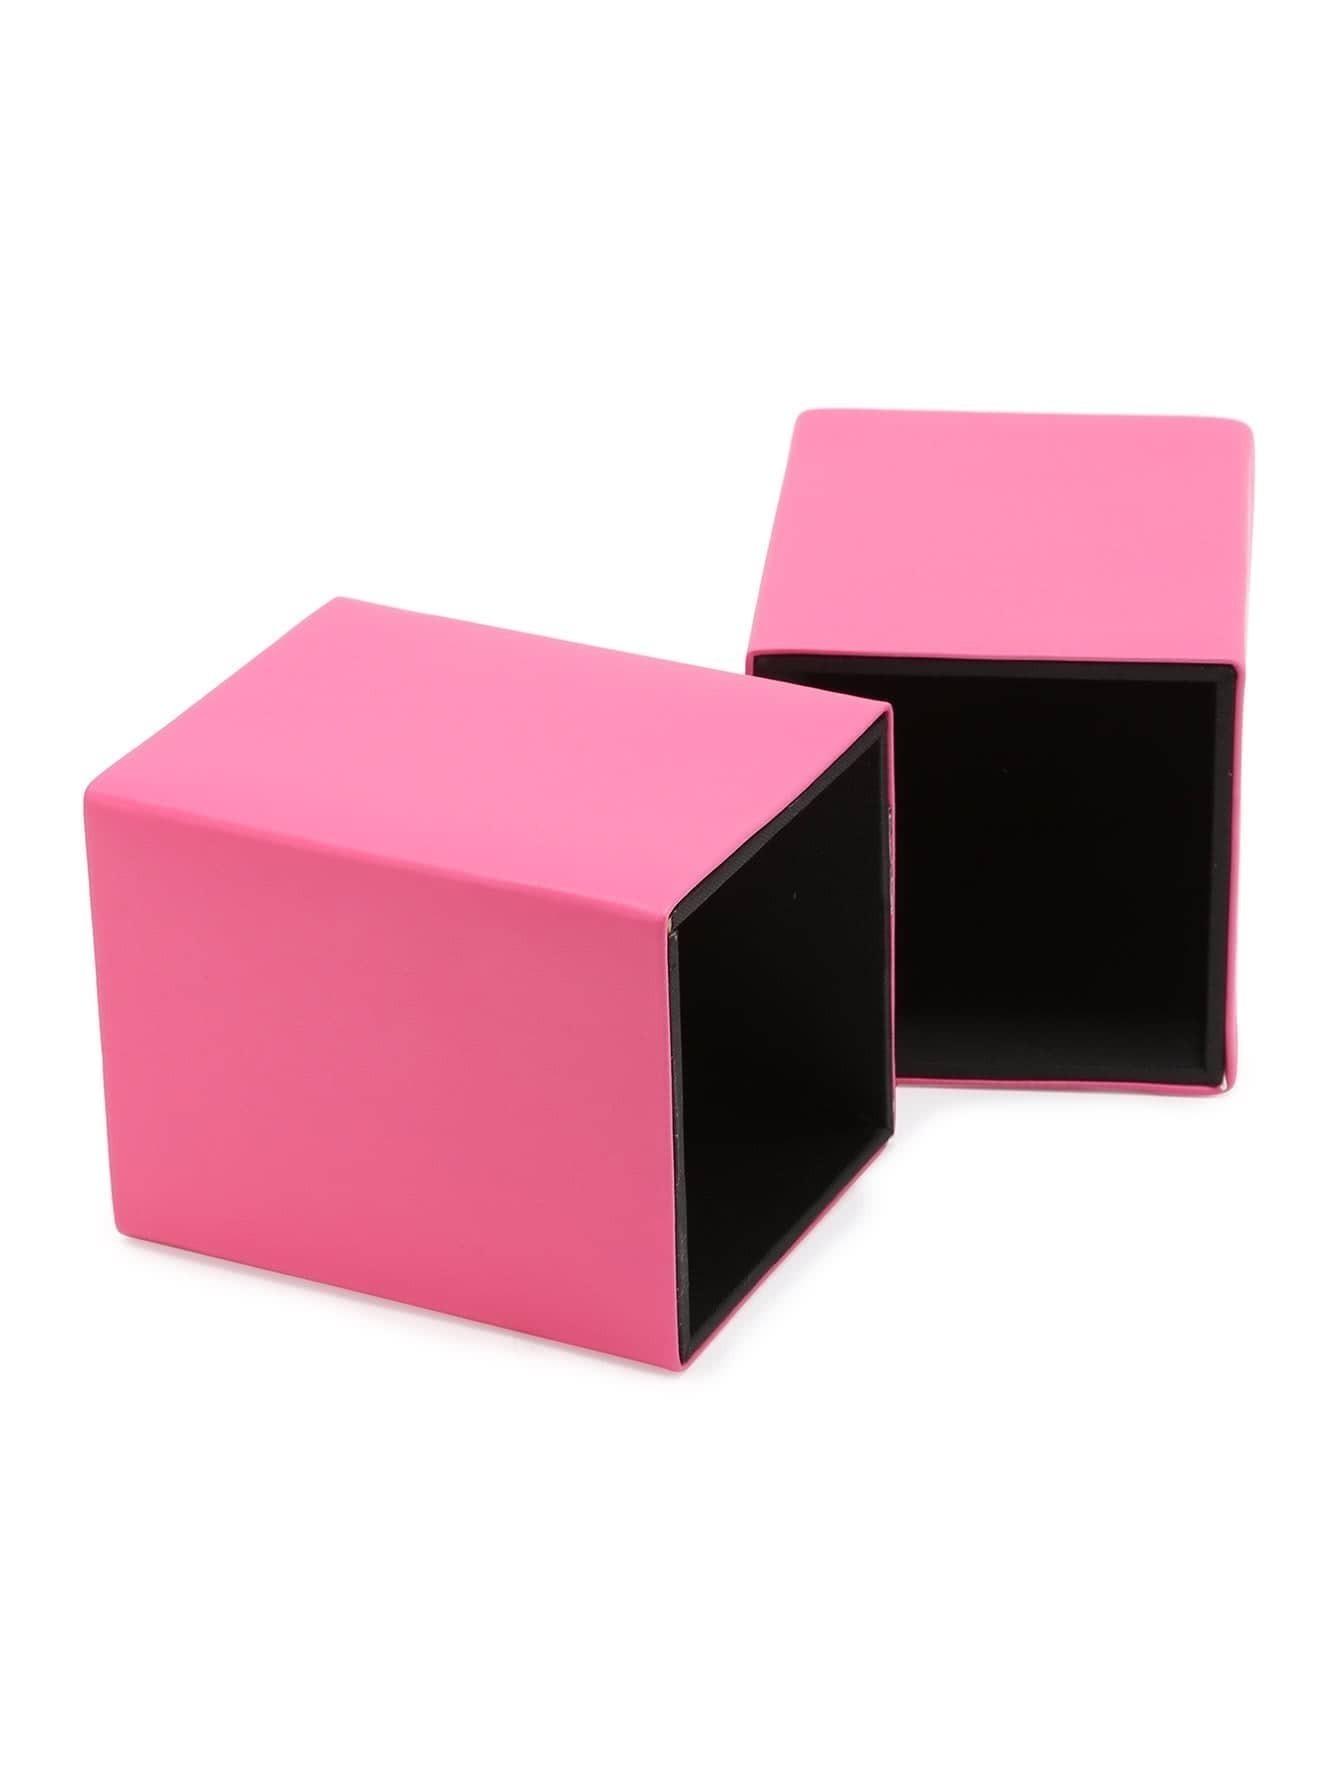 bo te de rangement pour brosse de maquillage french romwe. Black Bedroom Furniture Sets. Home Design Ideas